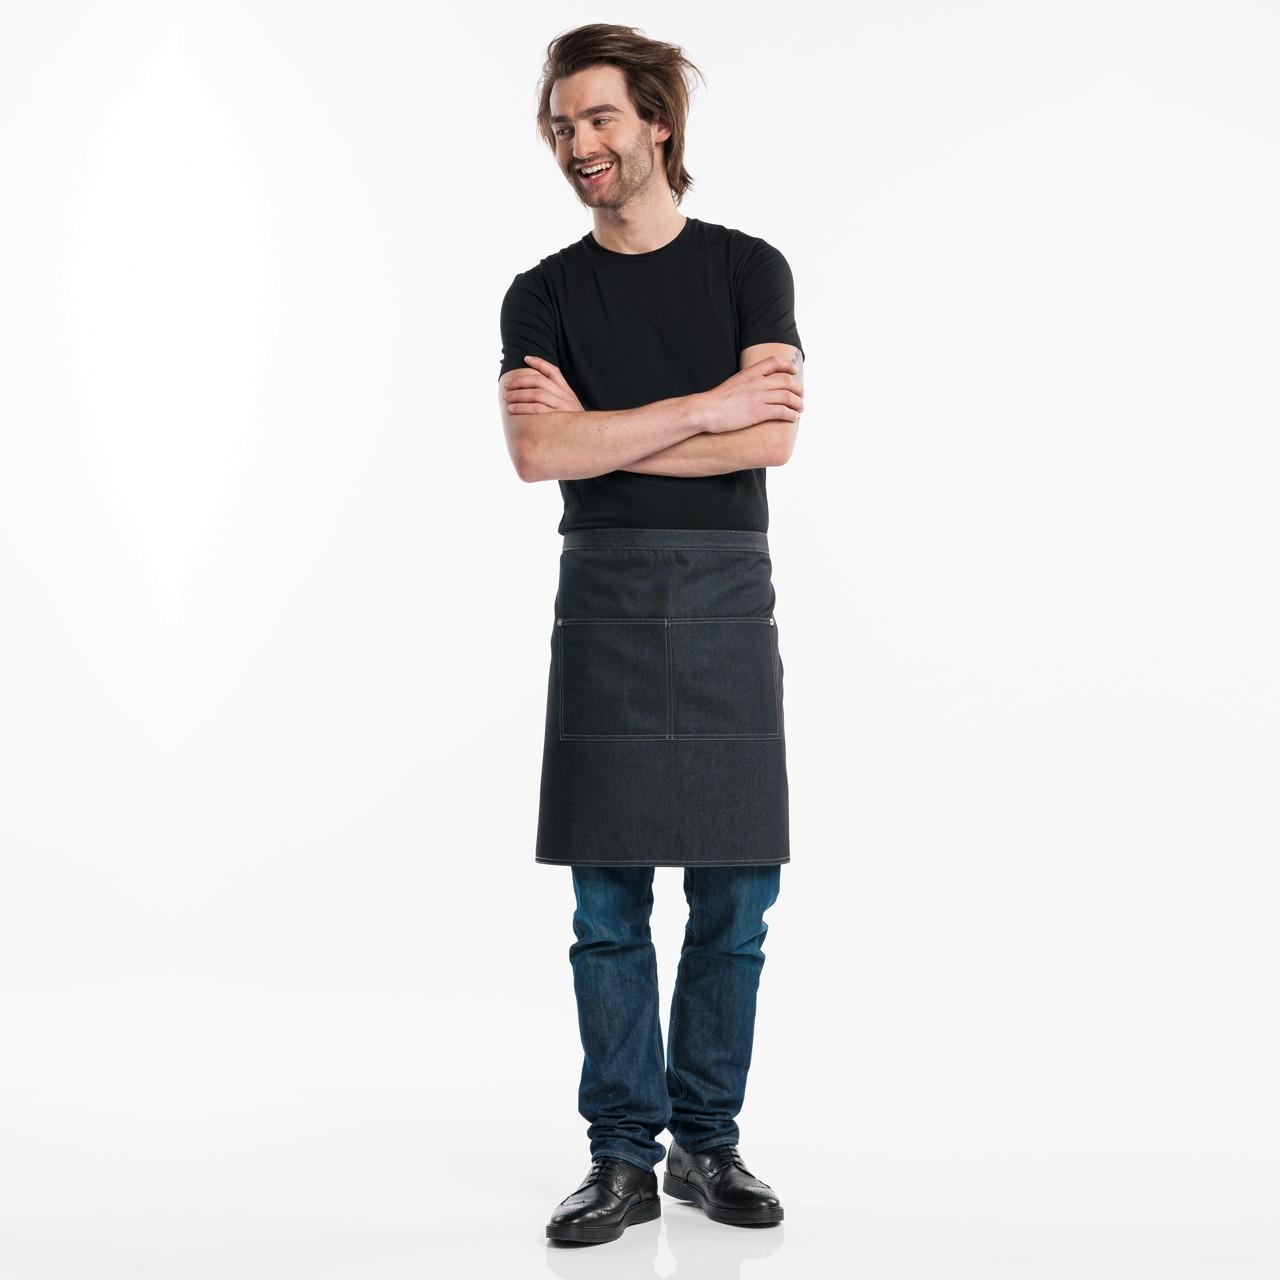 Jeans Kellnerschürze mit 2 Taschen Chaud Devant® | bedrucken, besticken, bedrucken lassen, besticken lassen, mit Logo |